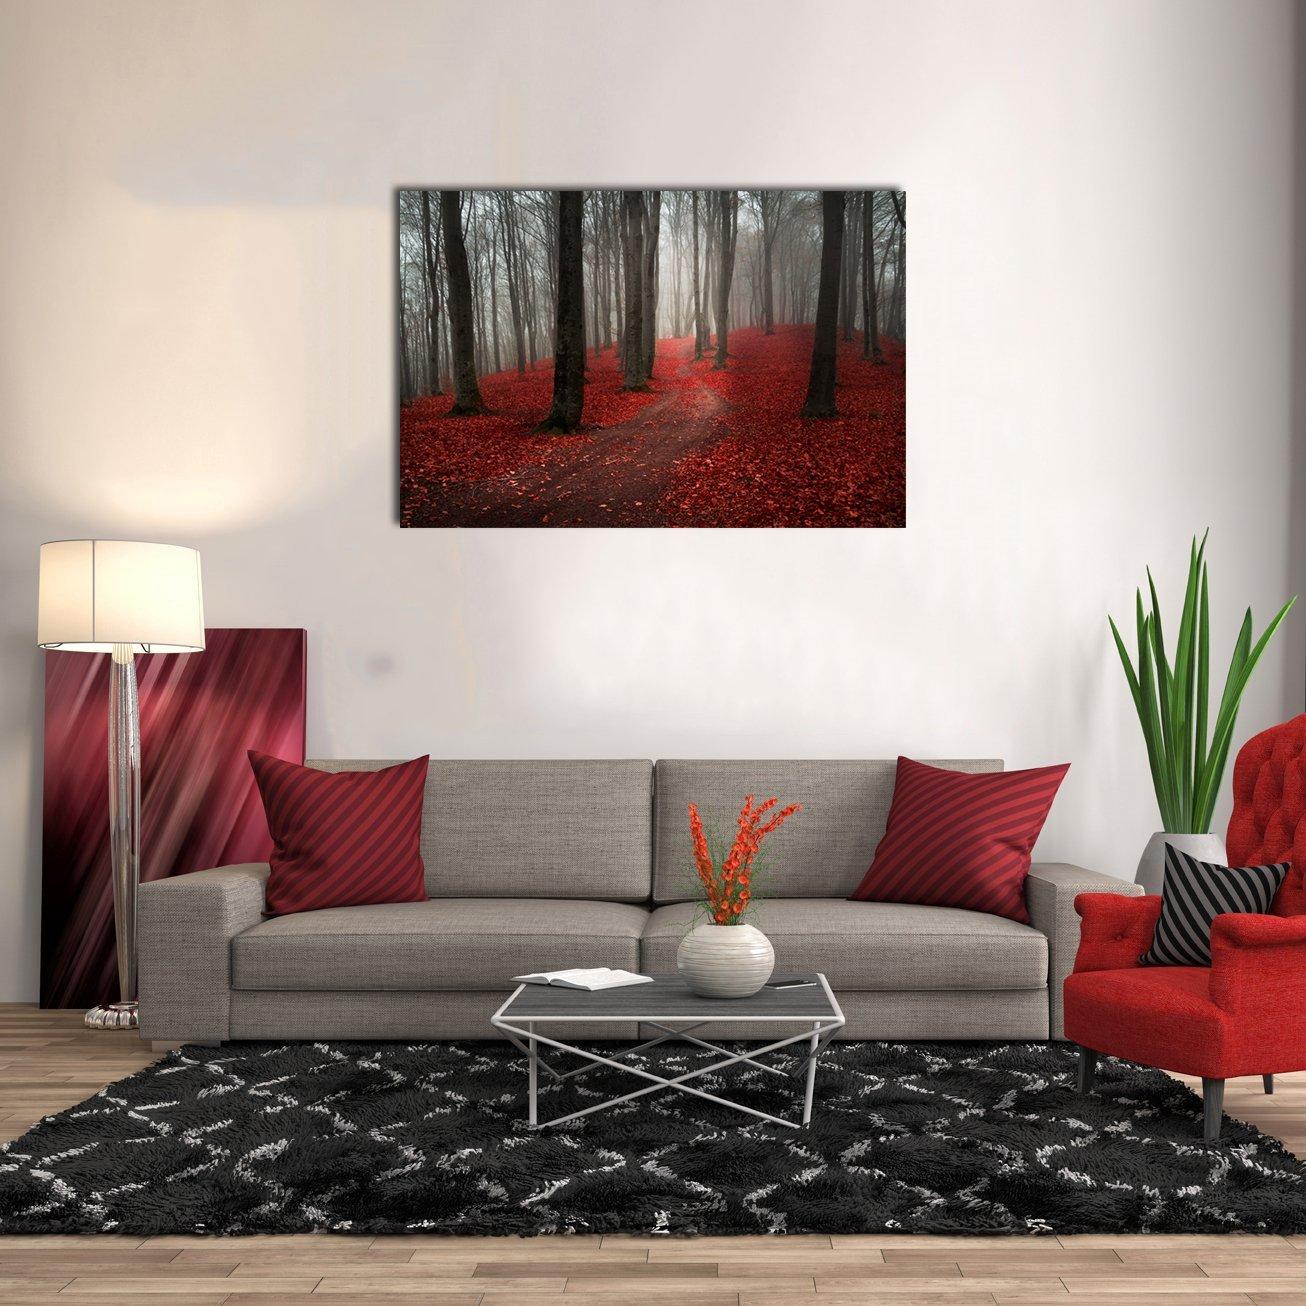 Amazon.de: Groß Schwarz Weiß Rot Forest Gemälde Moderne Landschaft ...